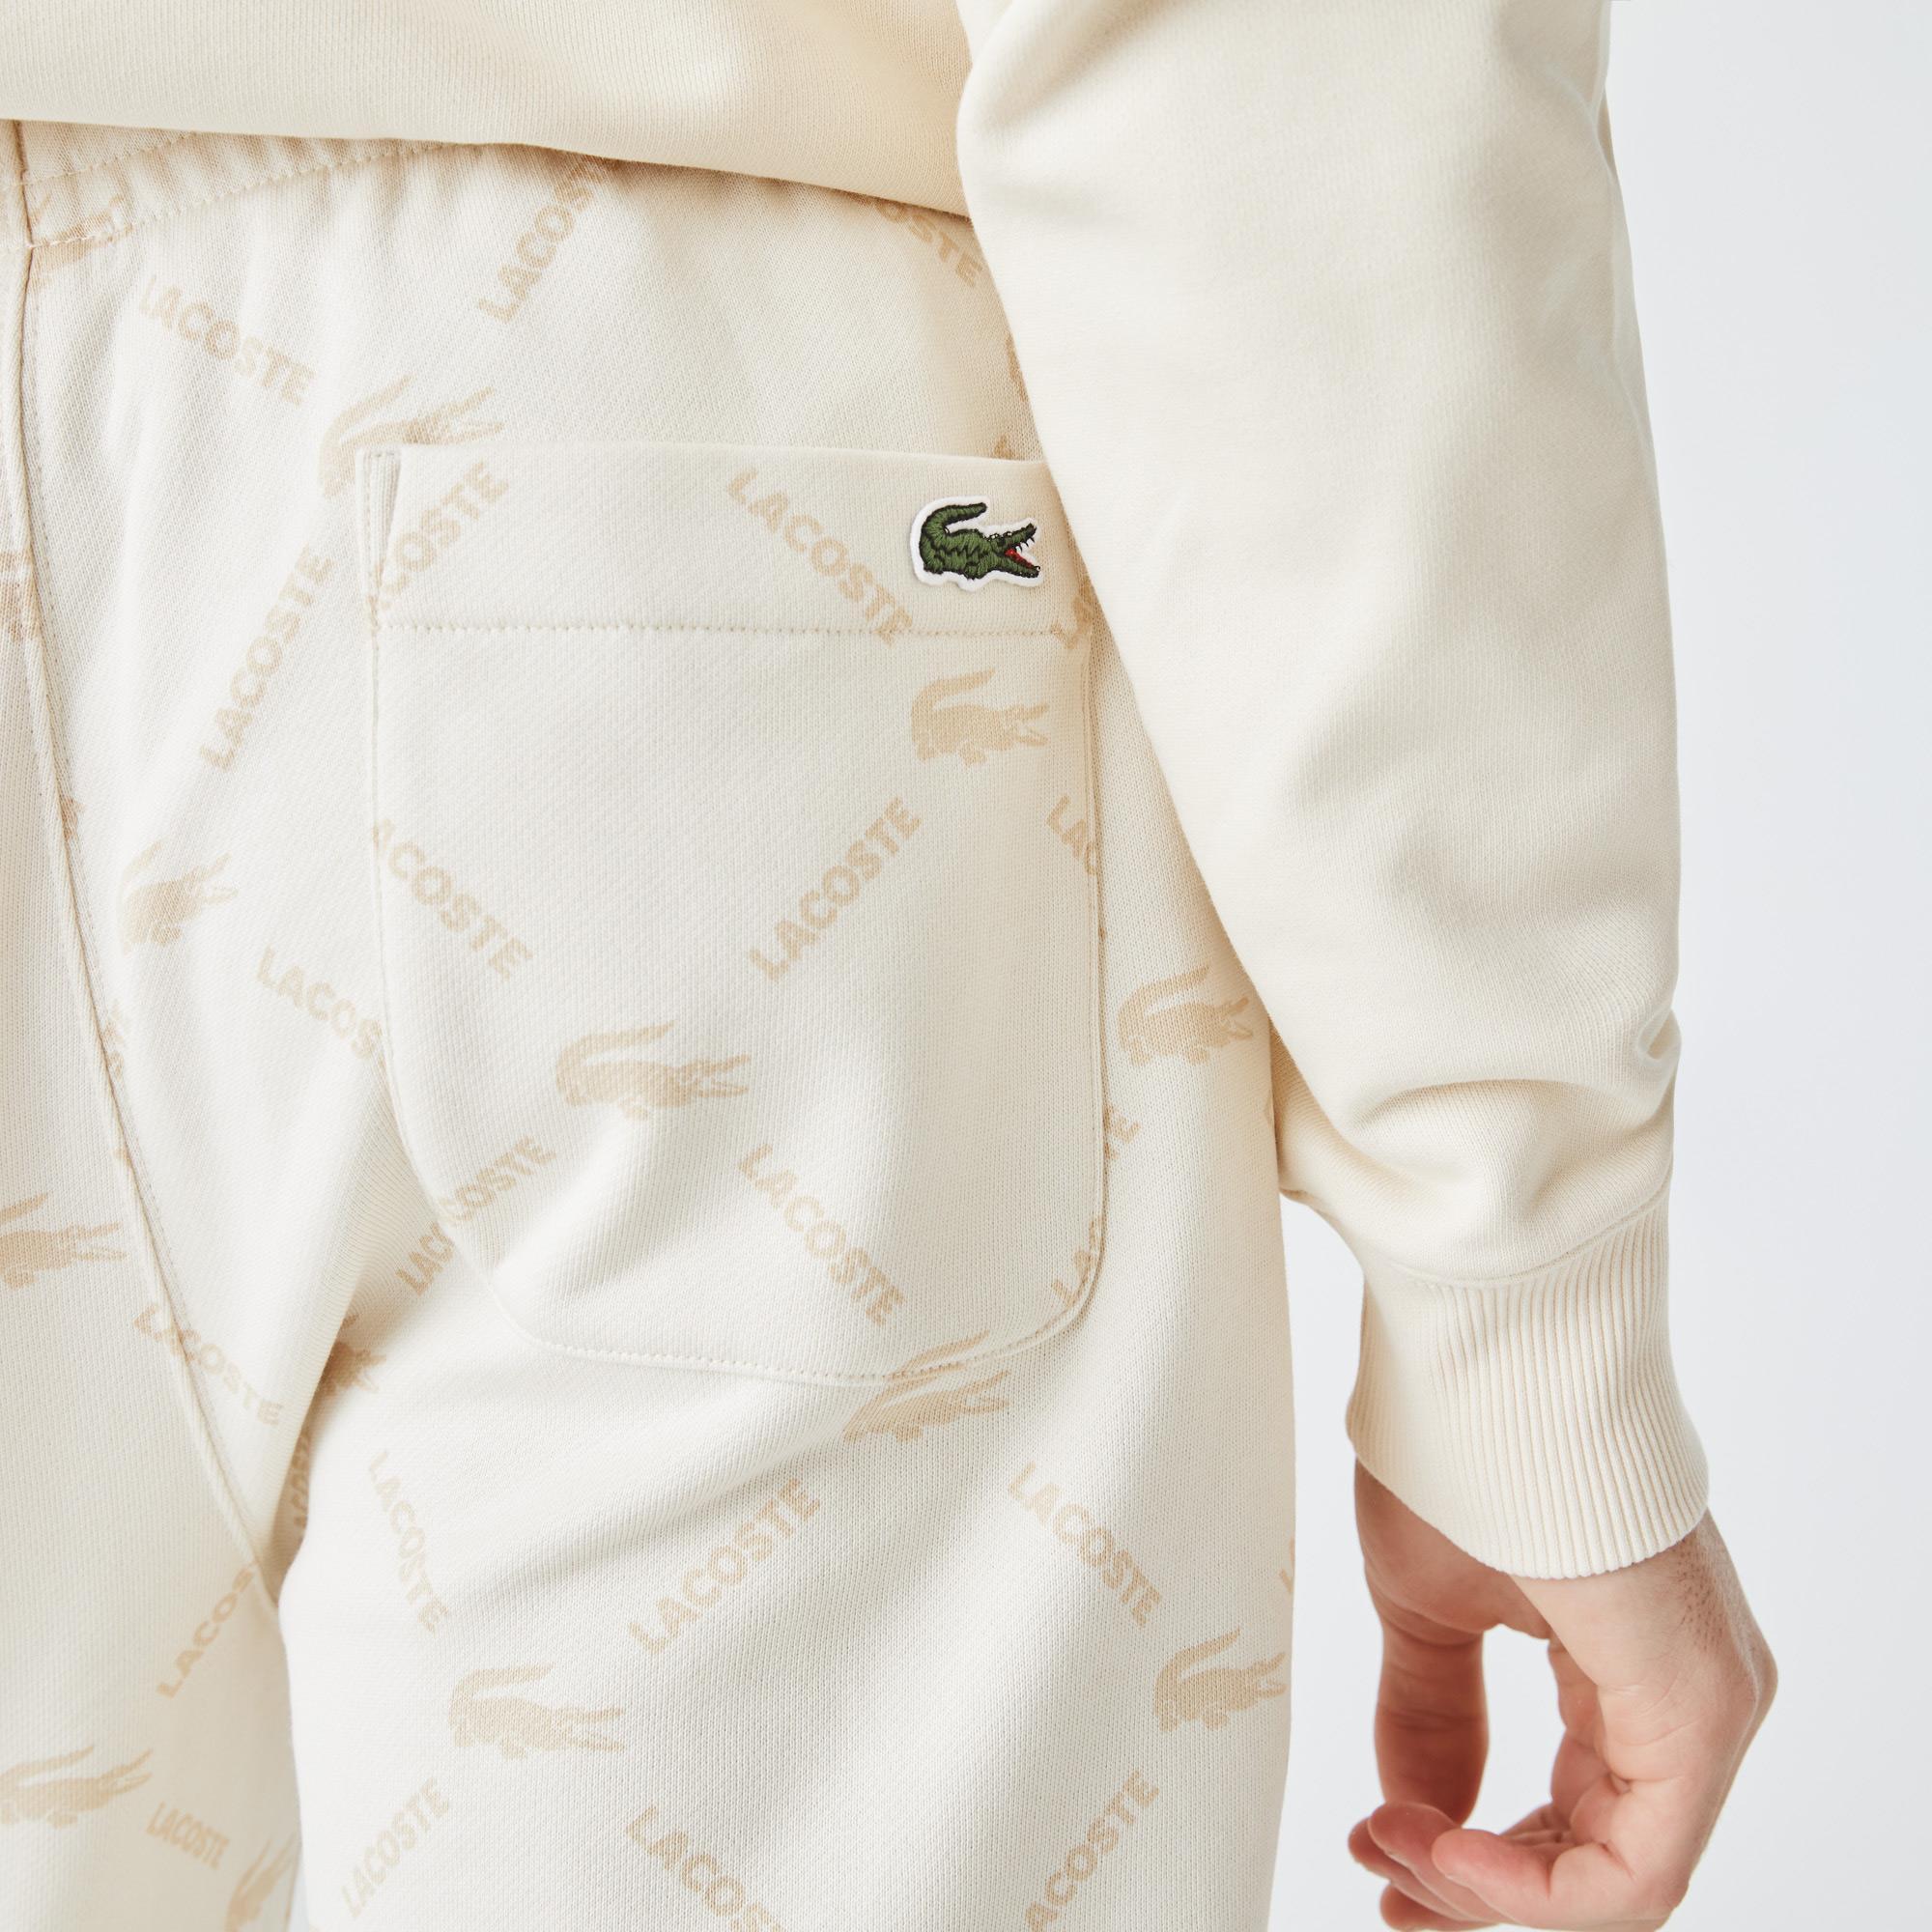 Lacoste L!VE Polarowe spodnie dresowe unisex z nadrukiem